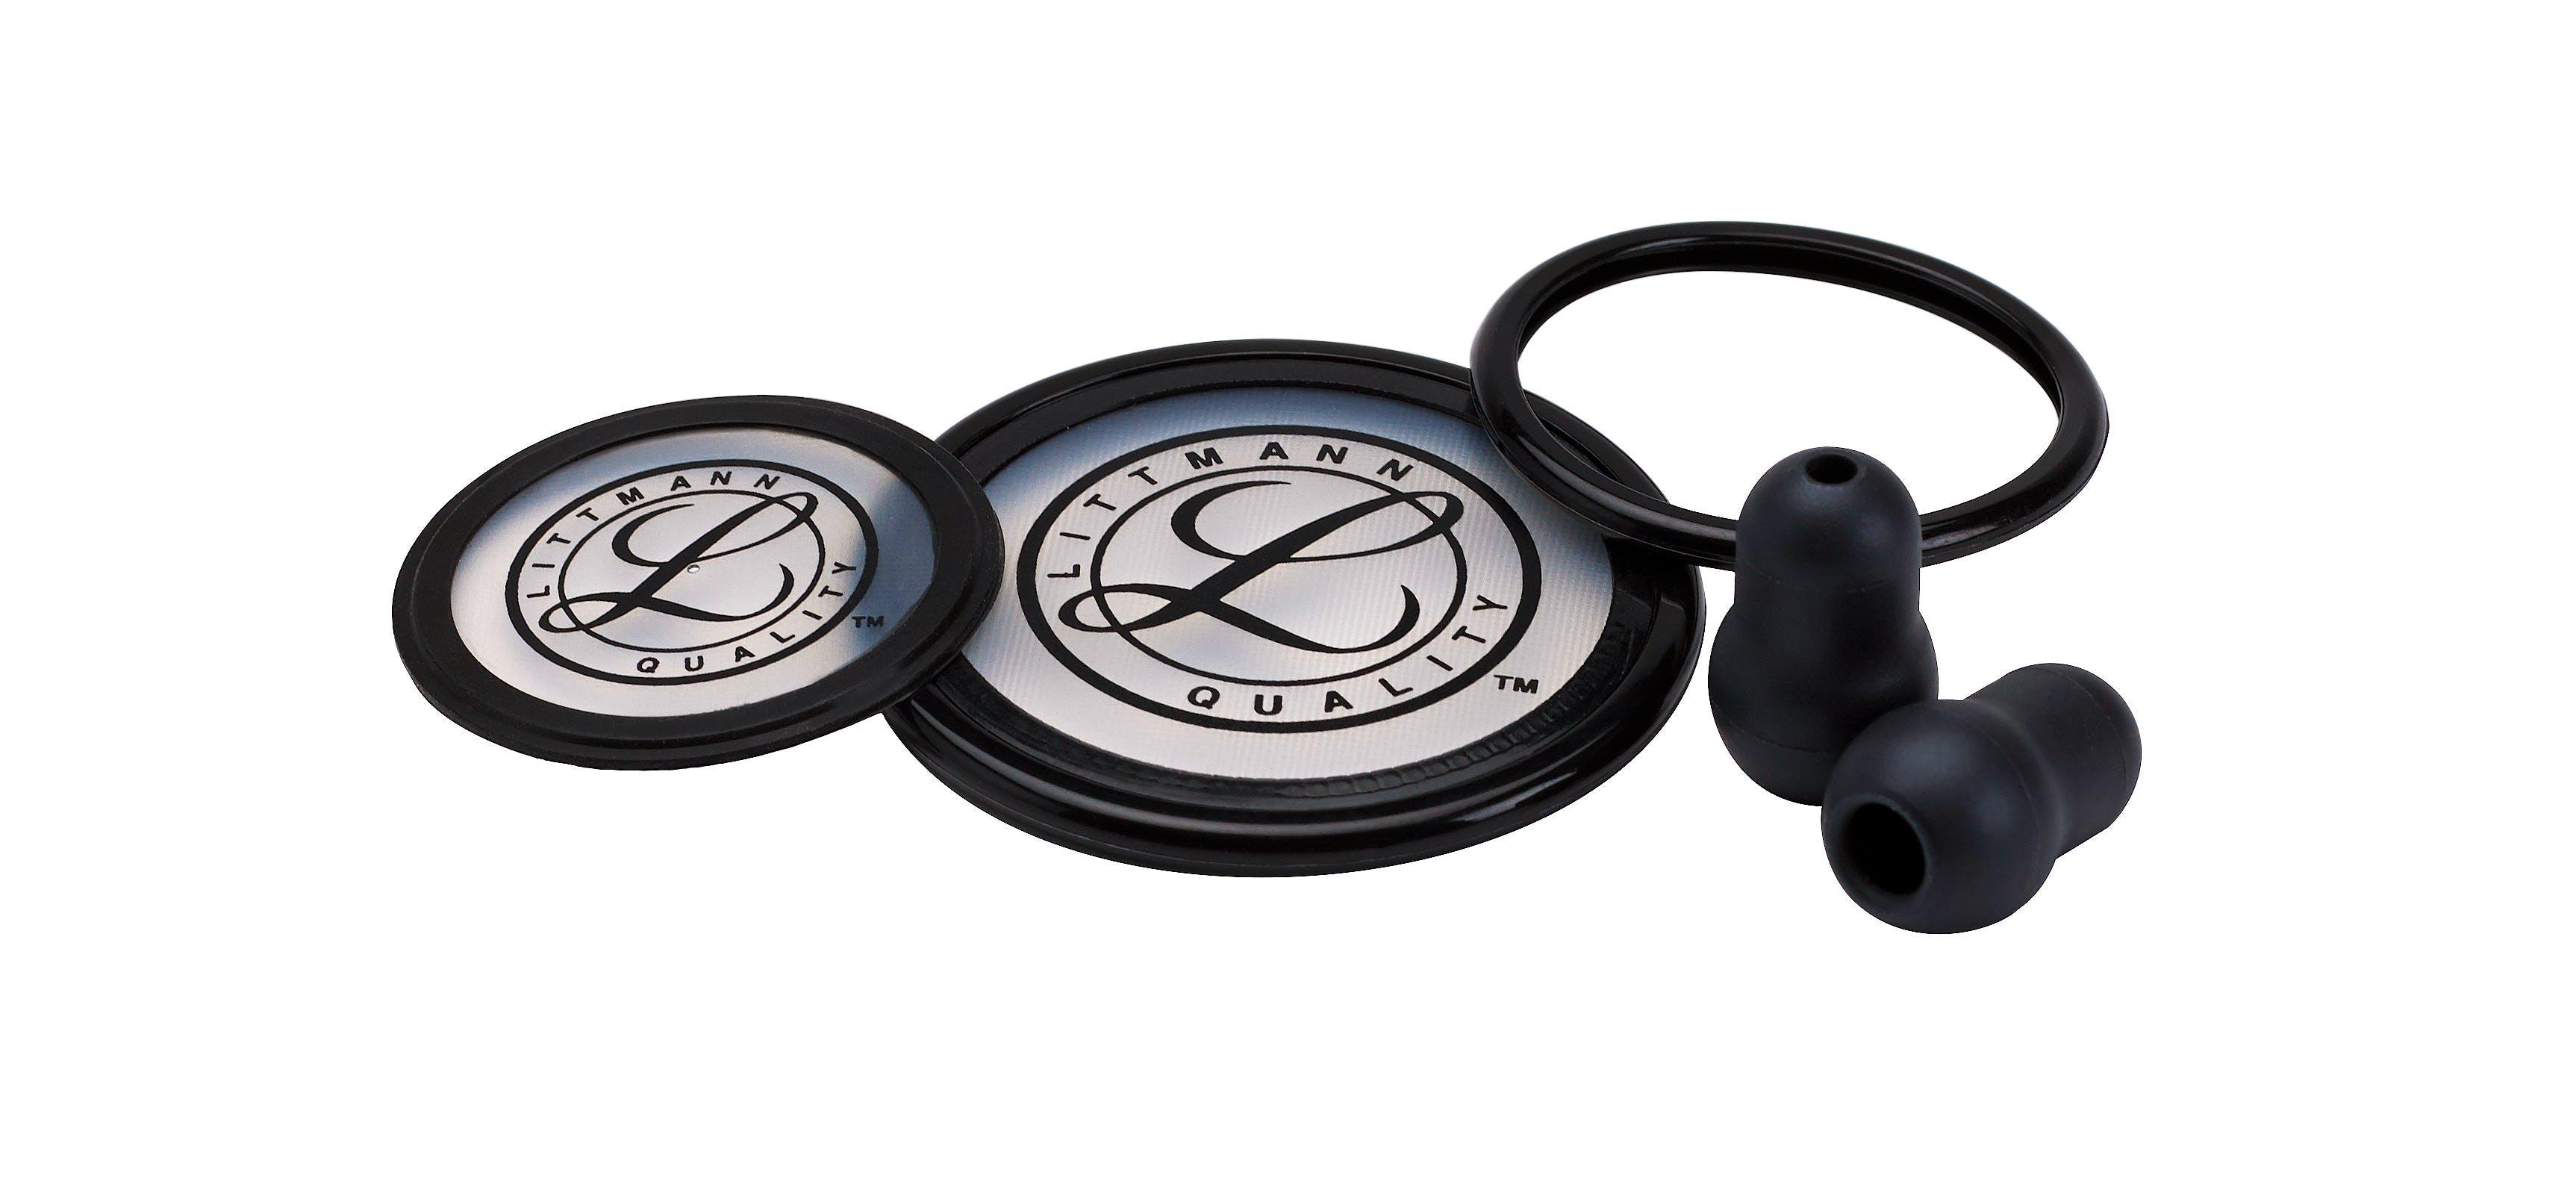 Littmann Kit Repuesto Cardiology III Negro (Olivas Blandas, Aro y Diafragma de Doble Membrana Lado Adulto y Pediatrico)